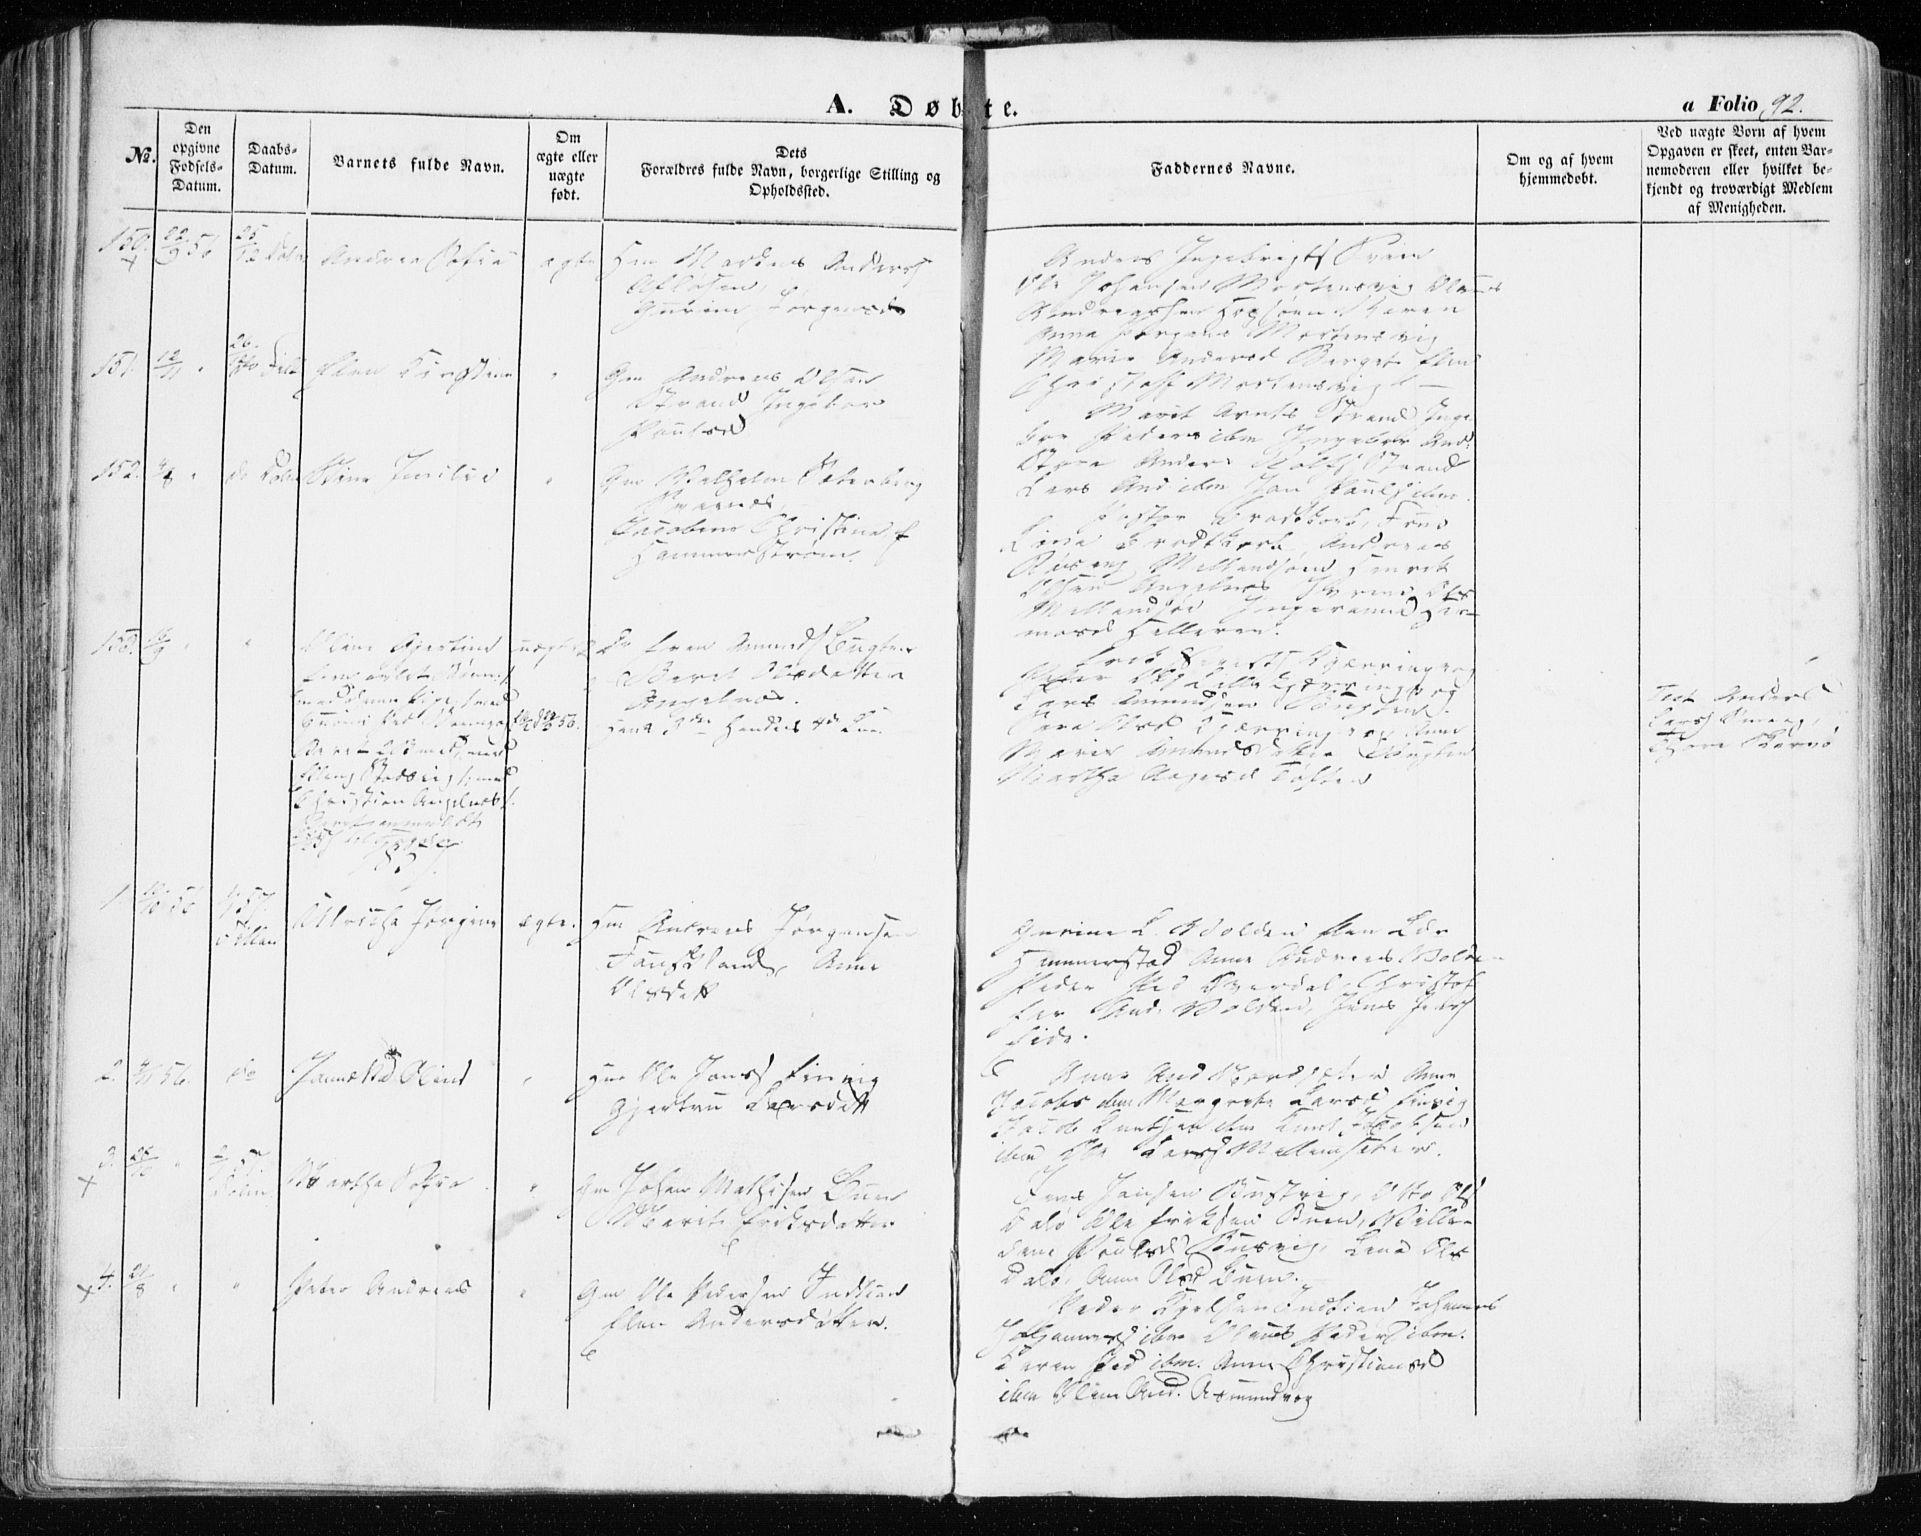 SAT, Ministerialprotokoller, klokkerbøker og fødselsregistre - Sør-Trøndelag, 634/L0530: Ministerialbok nr. 634A06, 1852-1860, s. 92